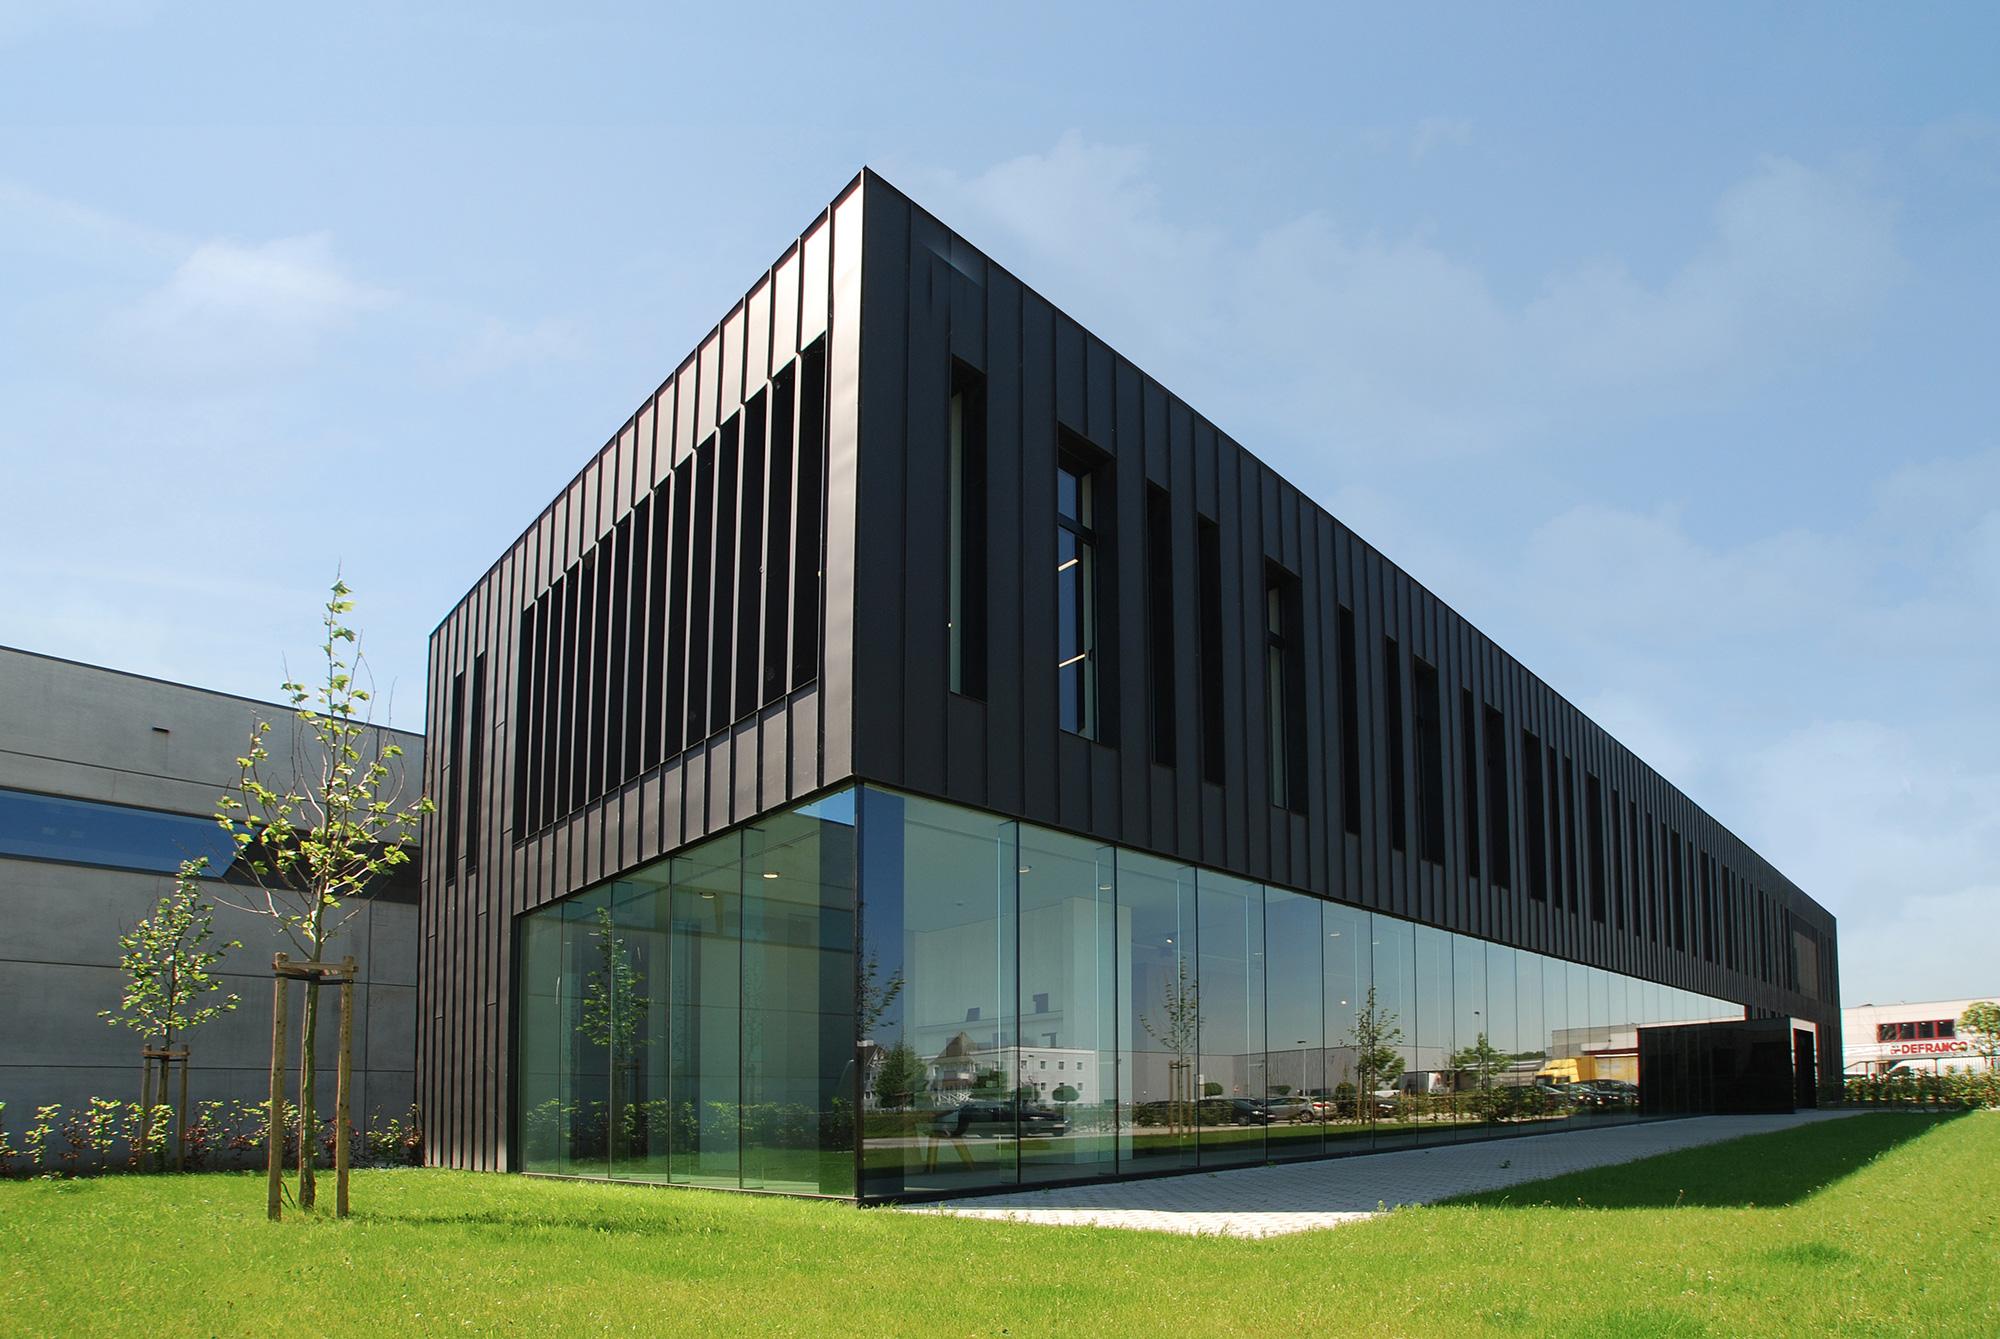 Industriebouw met kantoor evergem for Kantoor architect